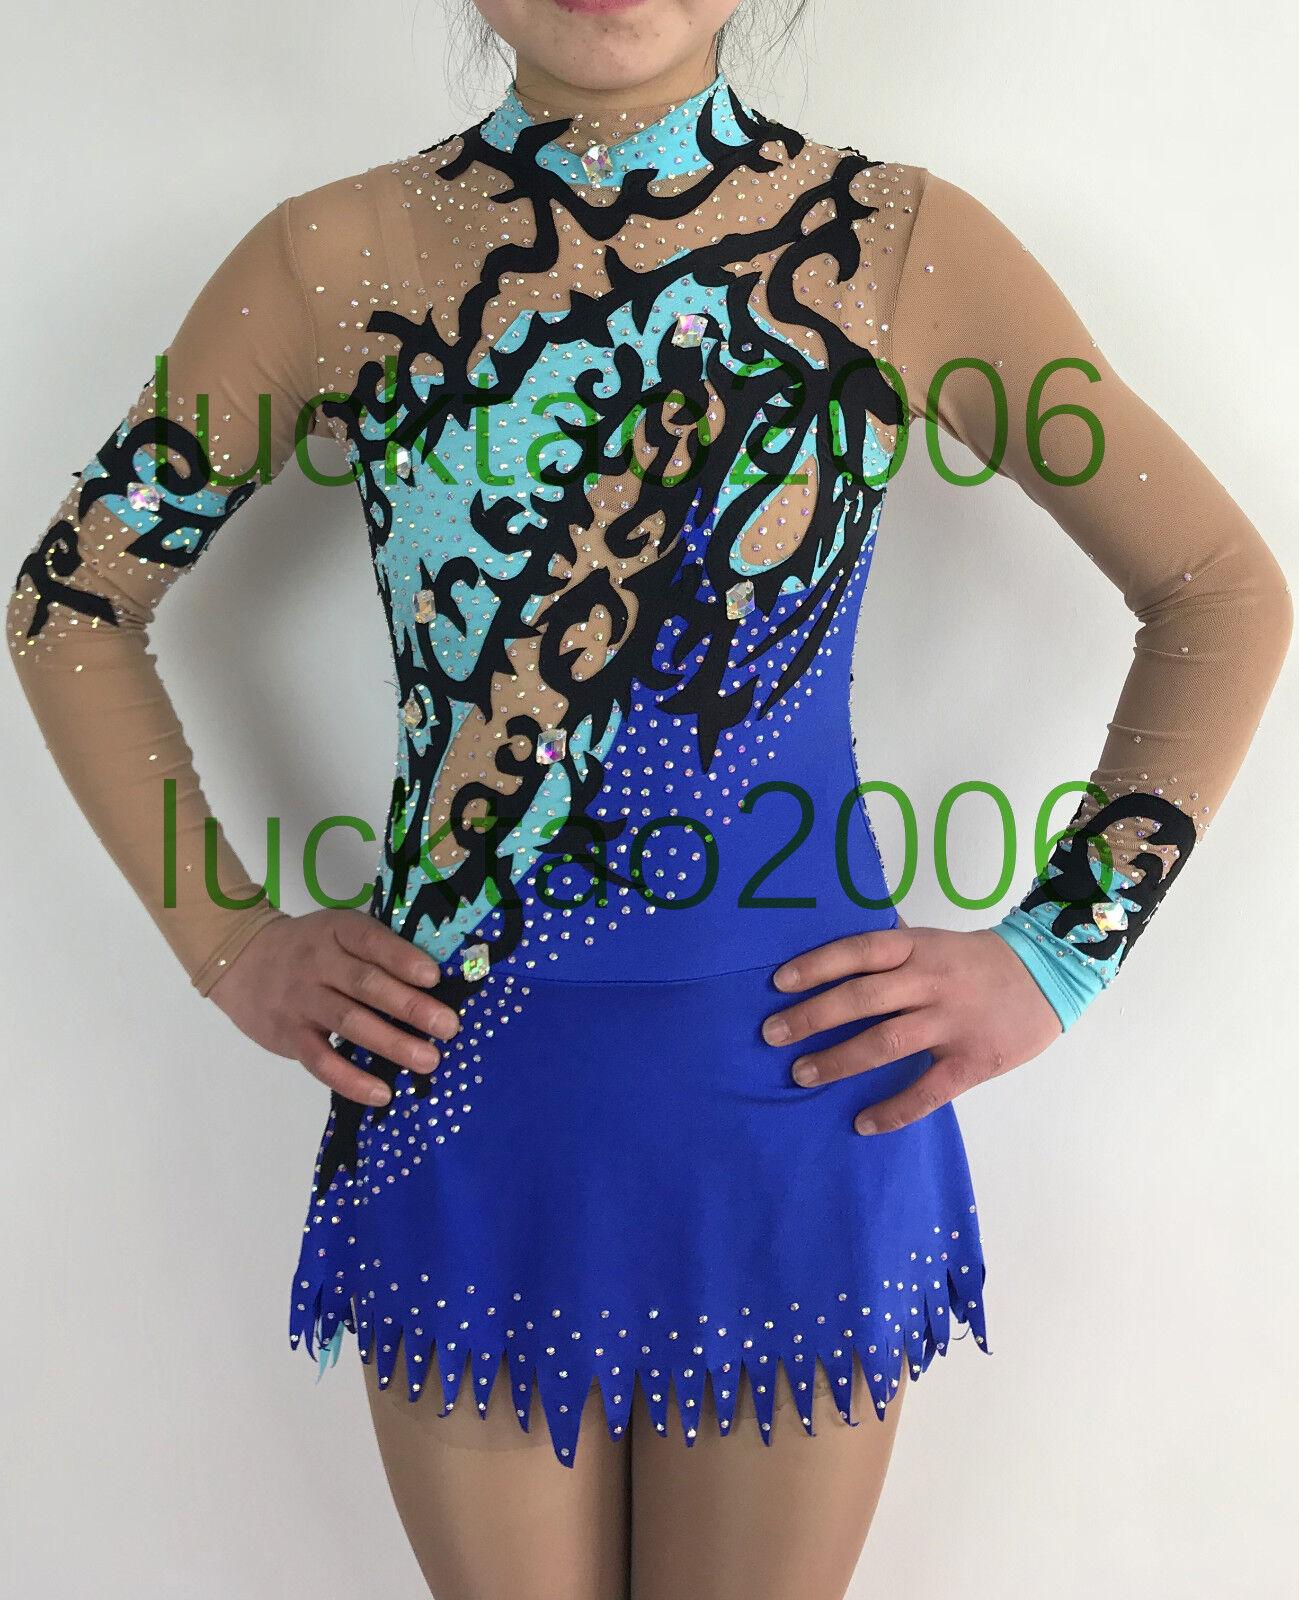 2018 ny stil Rytmisk gymnastik Leotards Ice Figur Skating Dress G507 -12